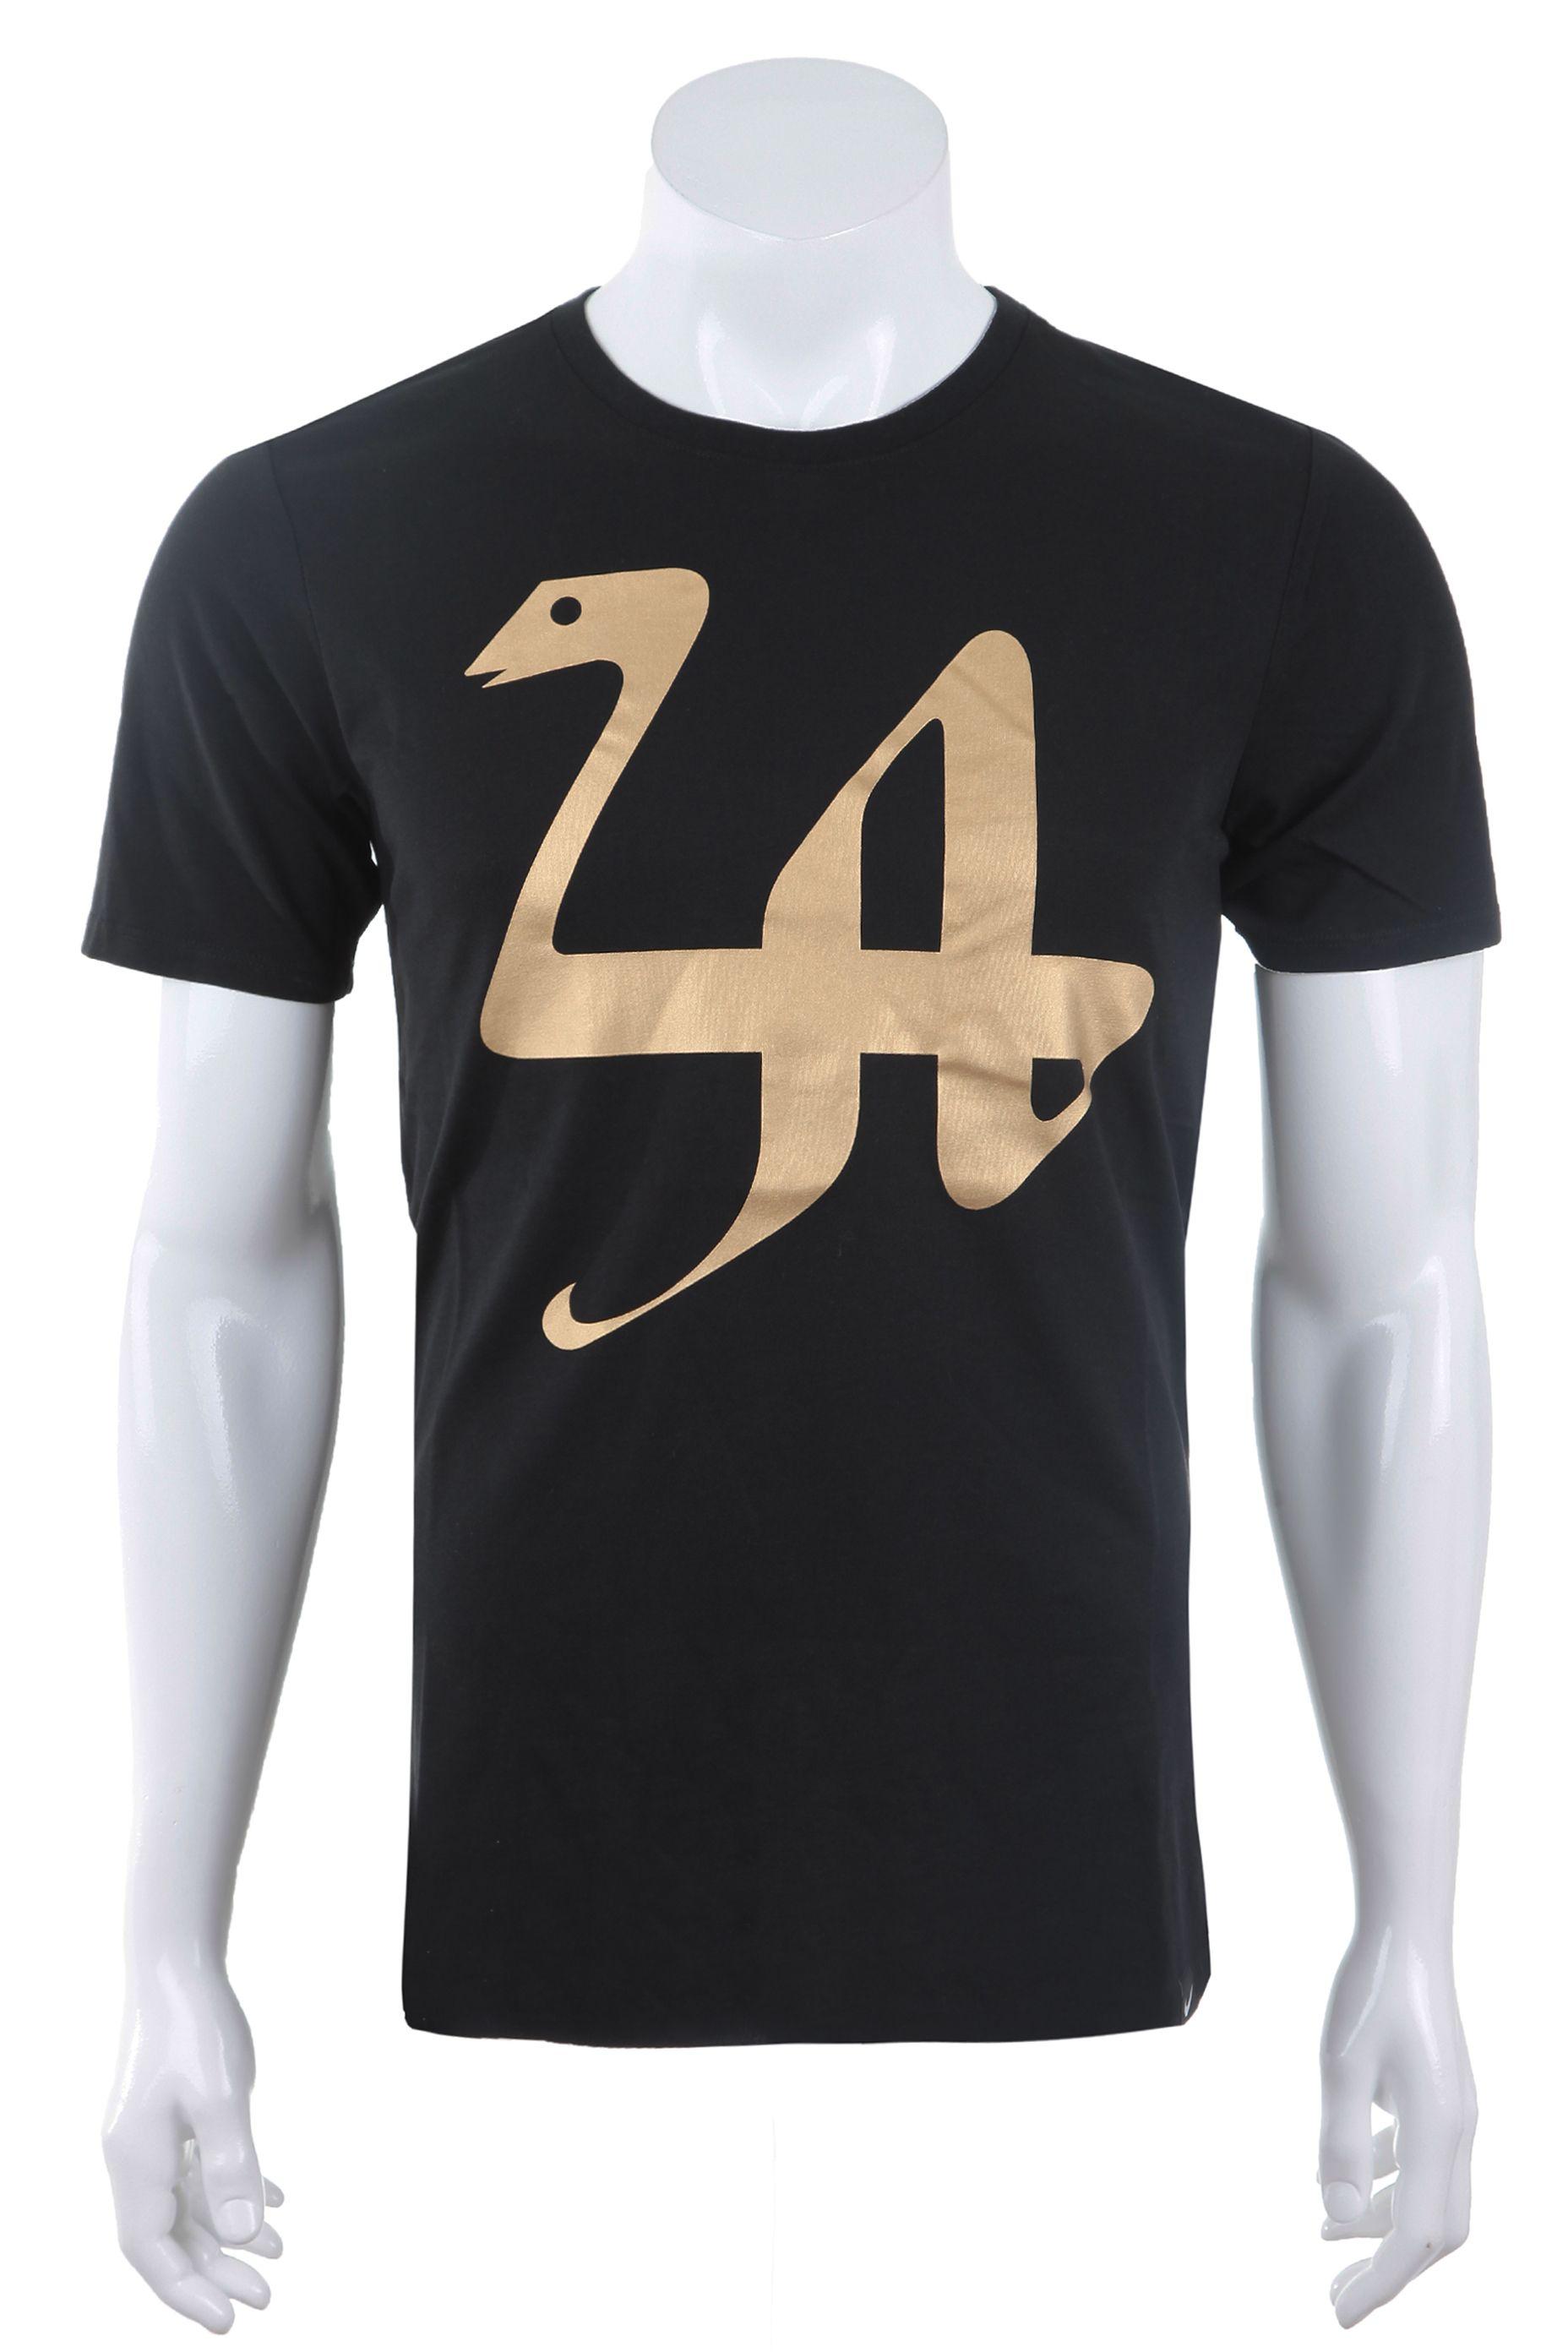 Erkek T-Shirt Modelleri ve Fiyatları. Kobe